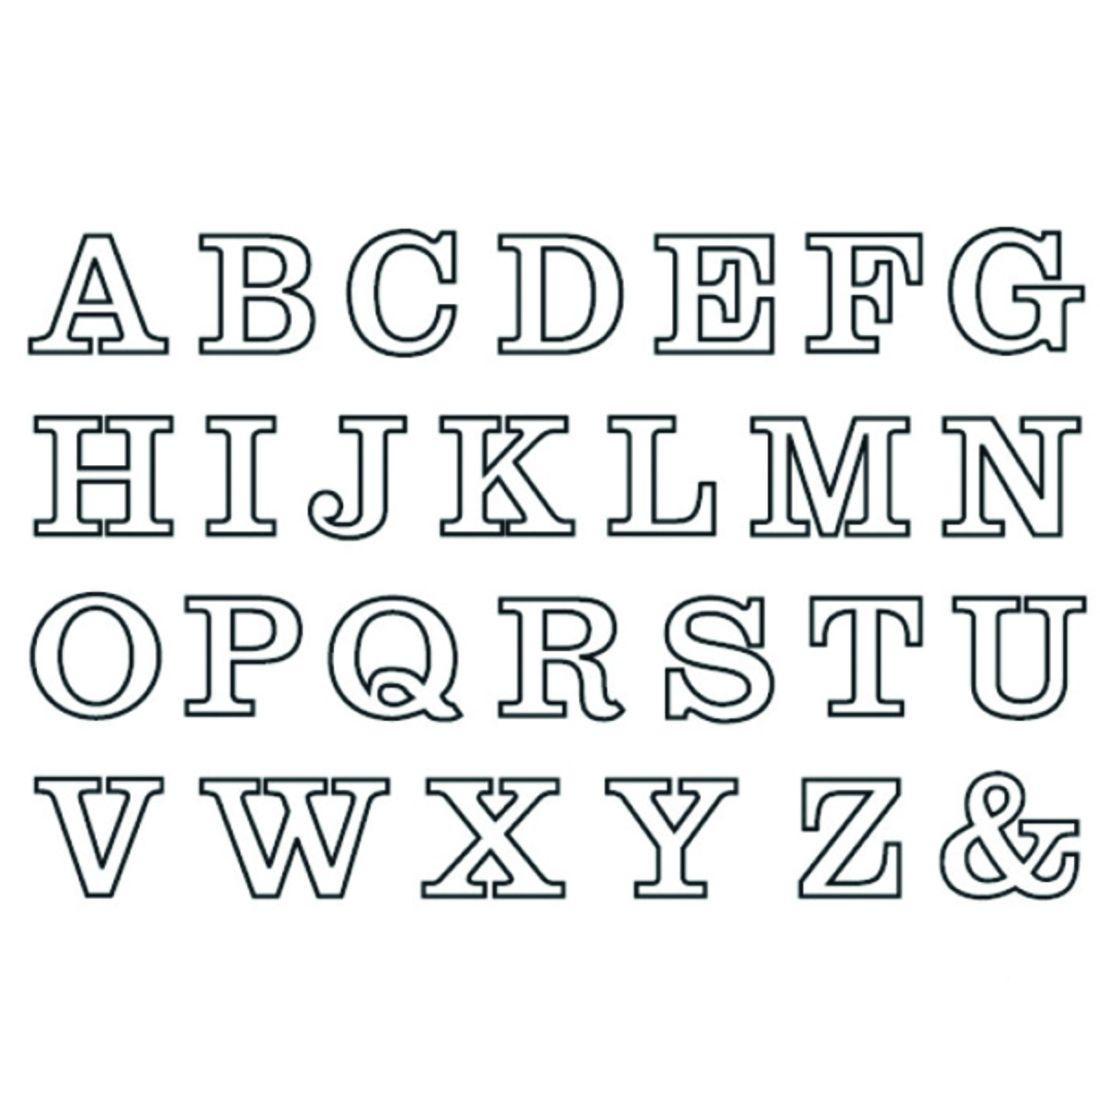 Pin Von Simba Trix Auf Schriften (Mit Bildern) | Buchstaben über Buchstaben Schablone Zum Ausdrucken